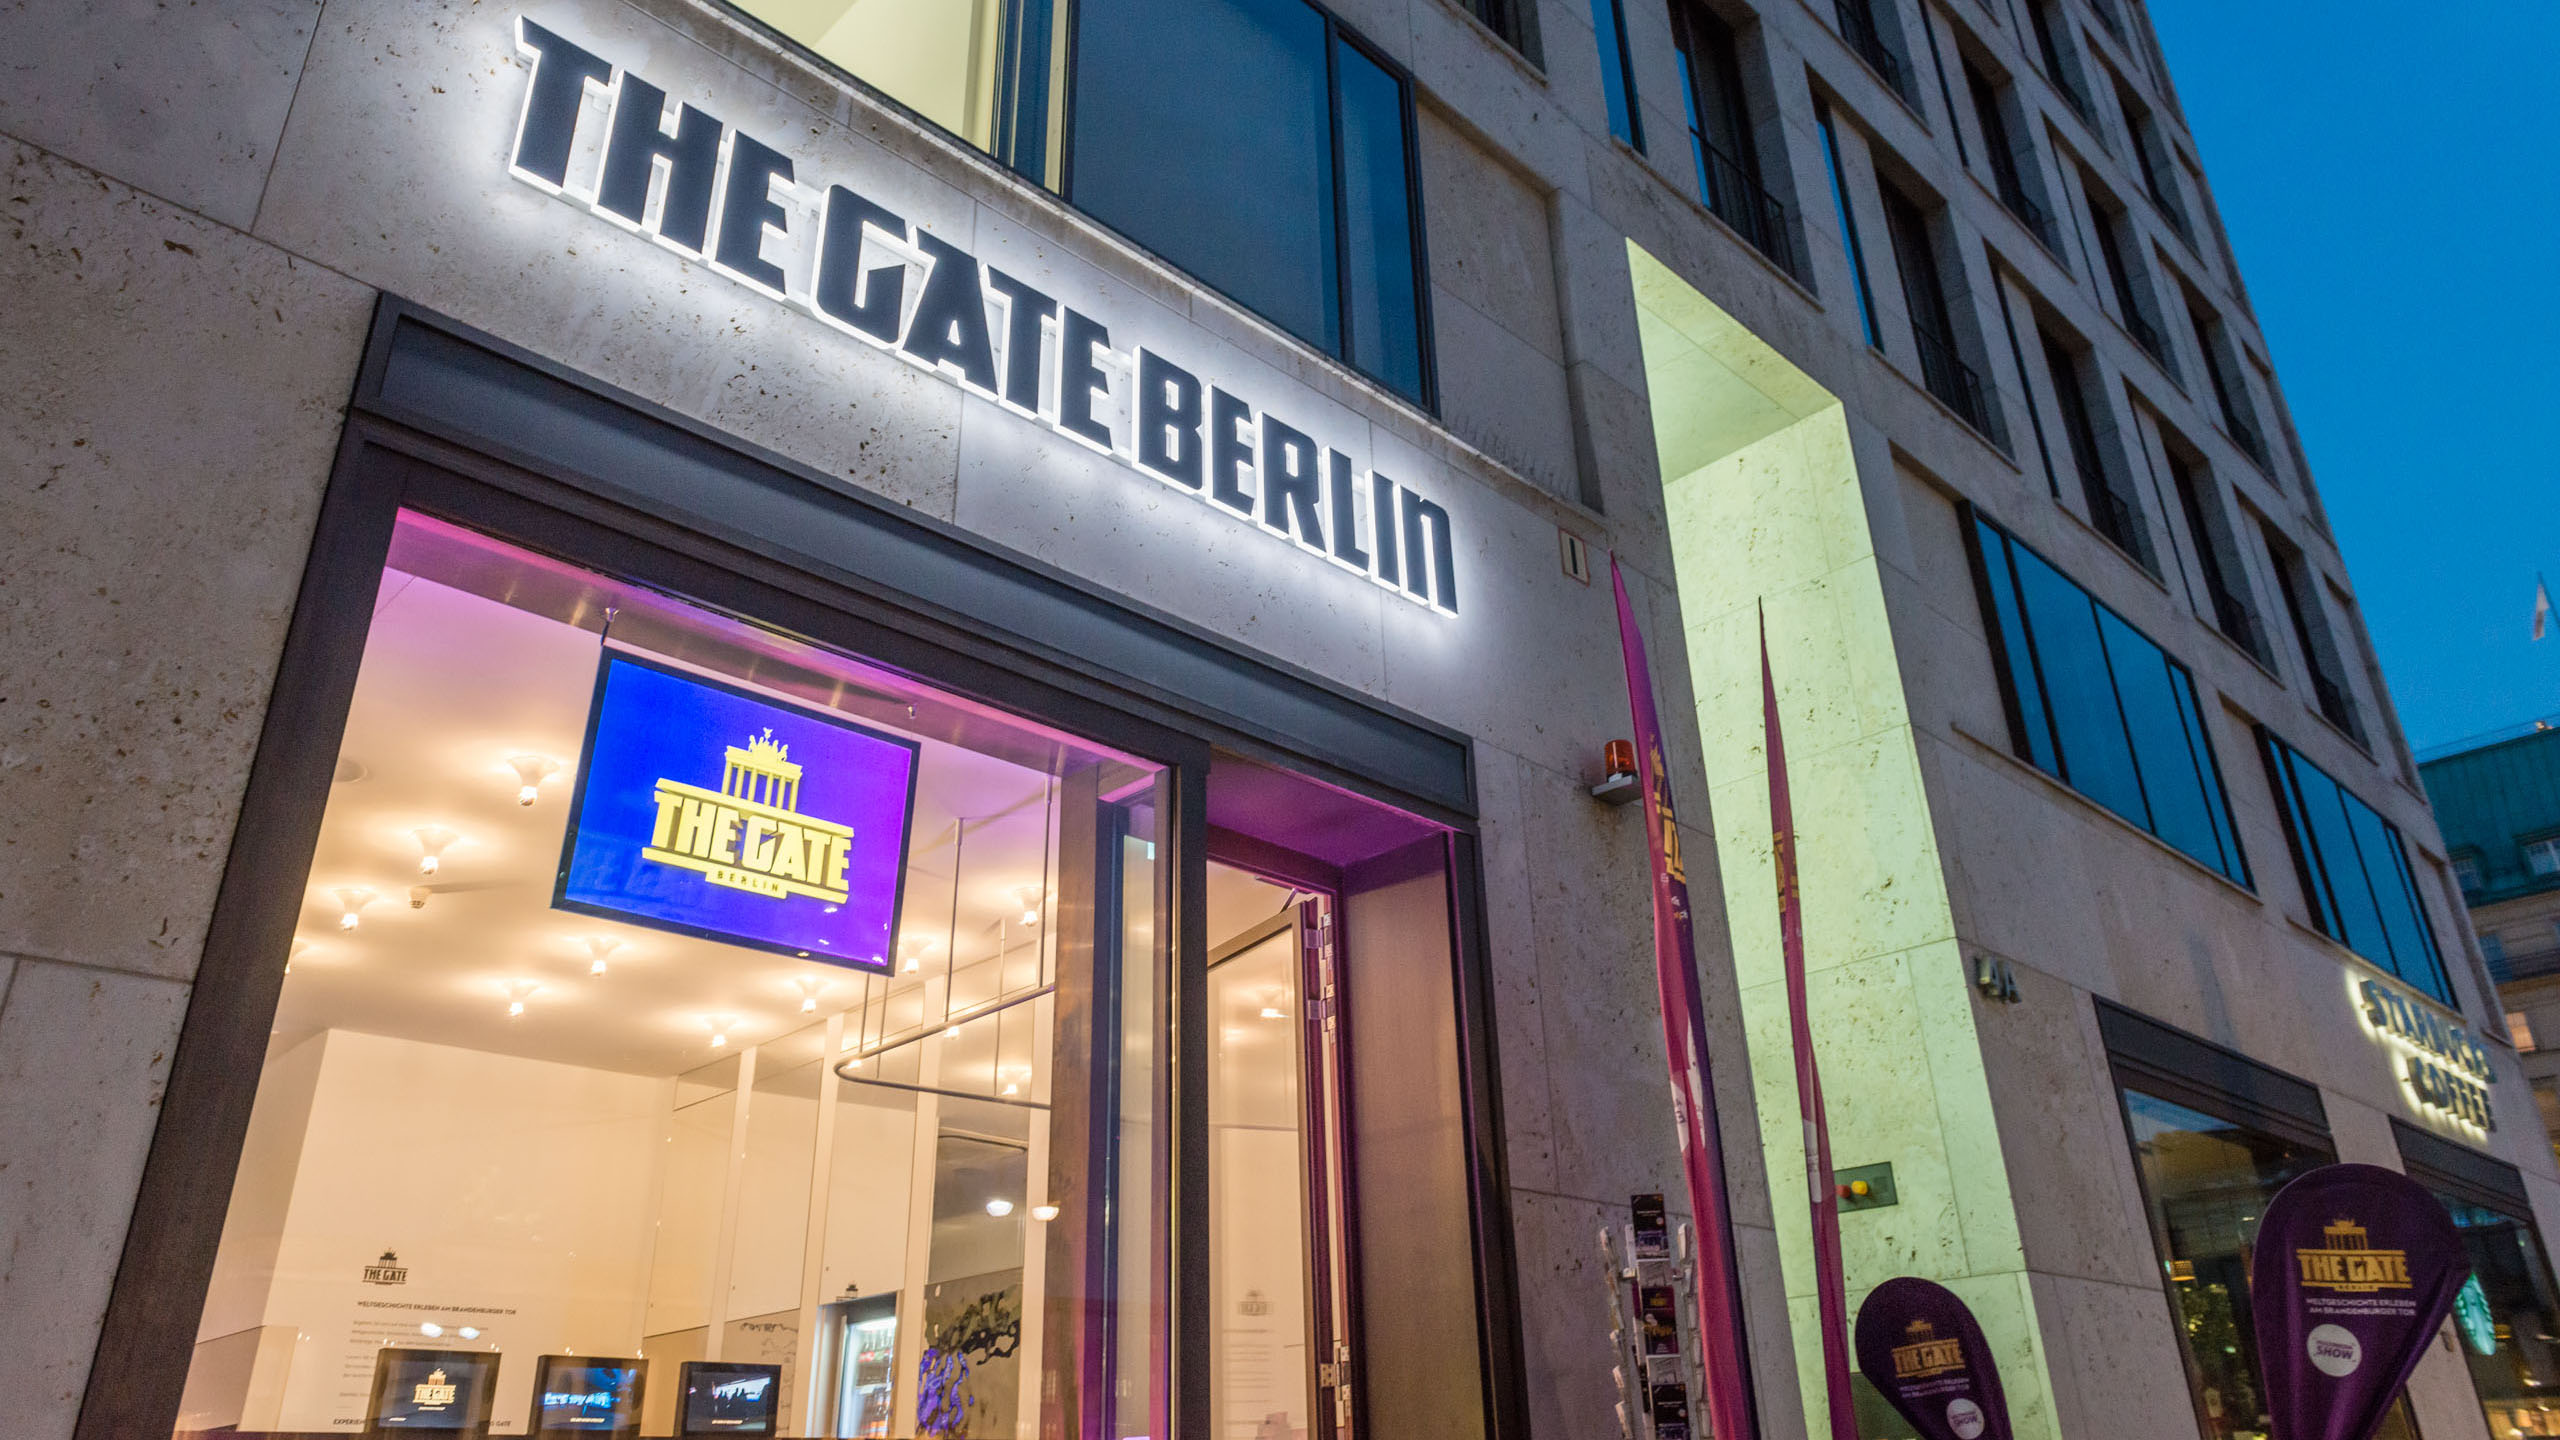 The Gate Berlin - Brandenburger Tor Museum